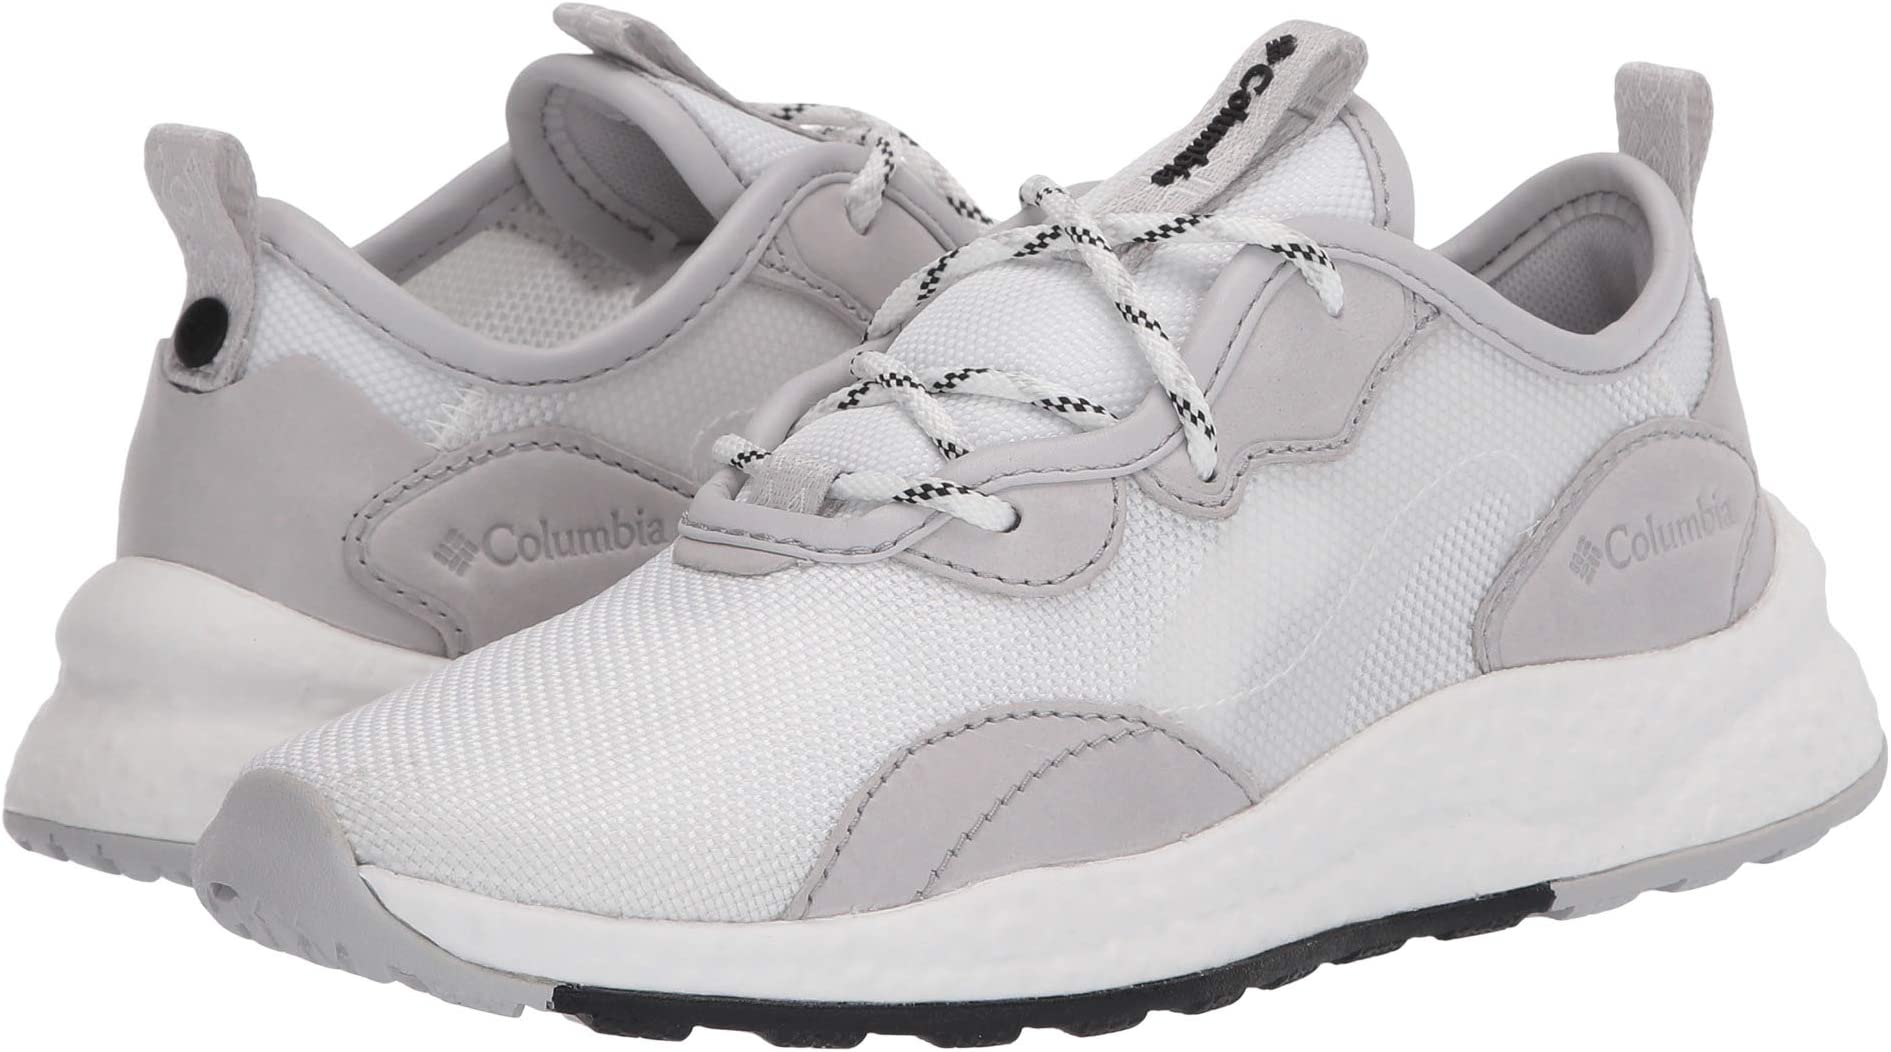 Columbia Women's Shoes